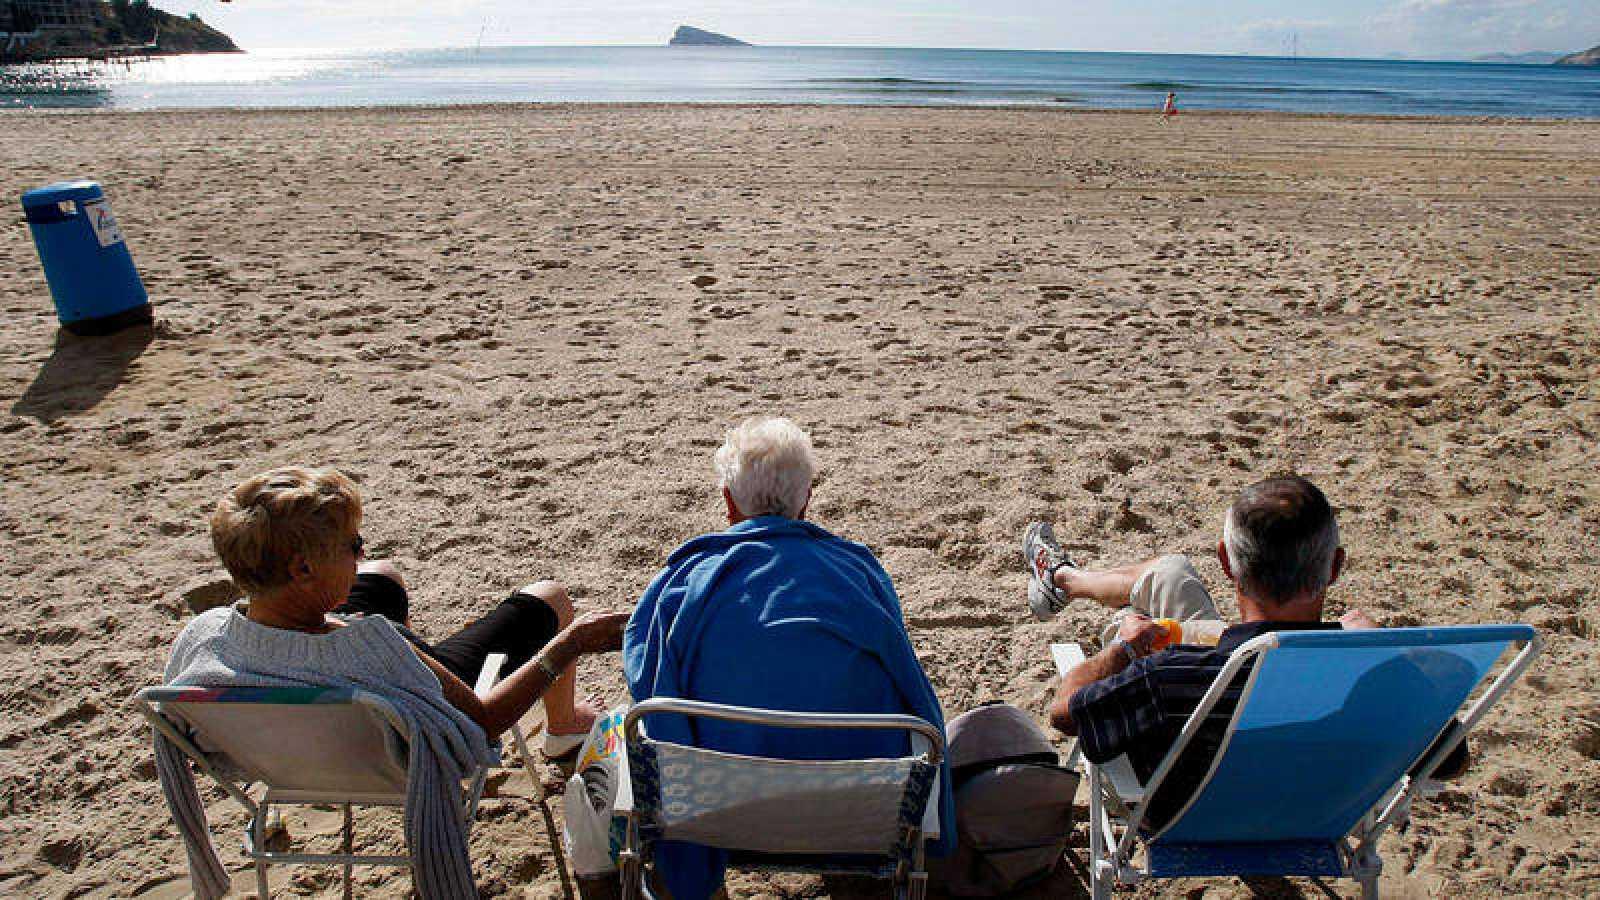 Tres personas disfrutan de un soleado dia en la playa de Levante de la localidad alicantina de Benidorm en una imagen de archivo